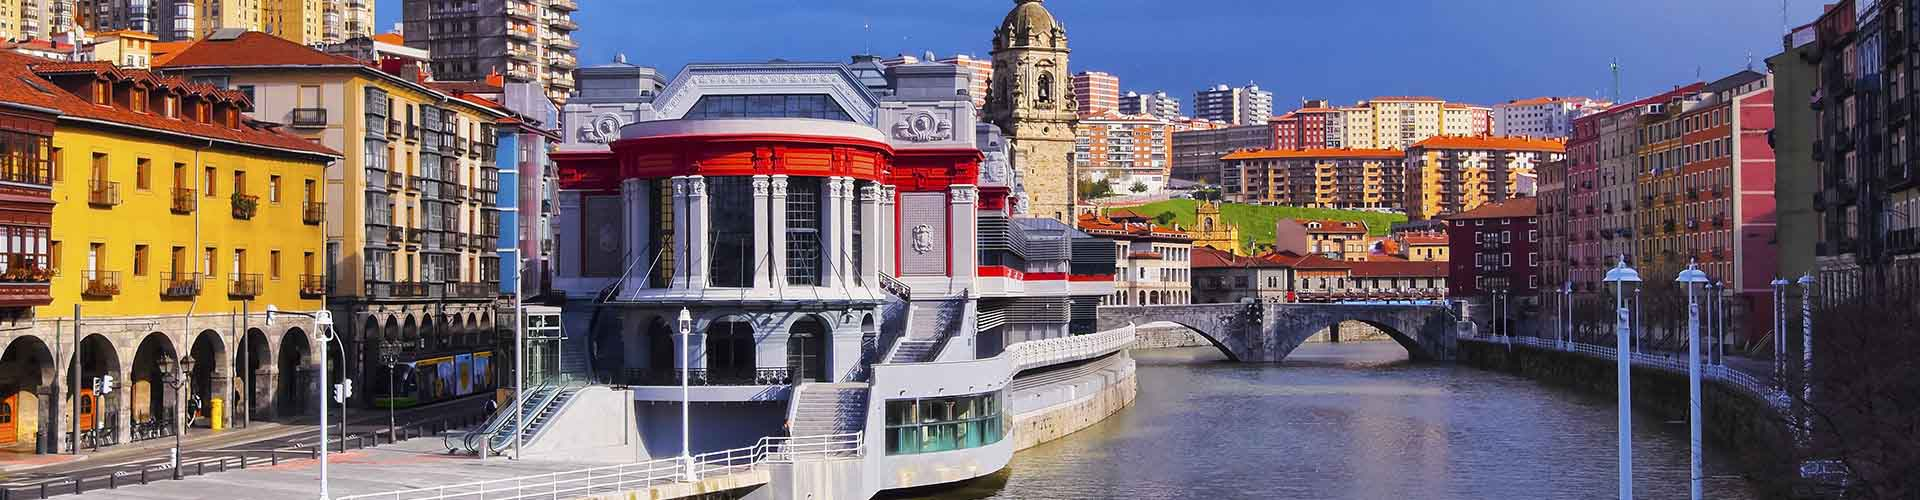 Bilbao - Hôtels dans le quartier de Basurto-Zorroza. Cartes pour Bilbao, photos et commentaires pour chaque hôtel à Bilbao.